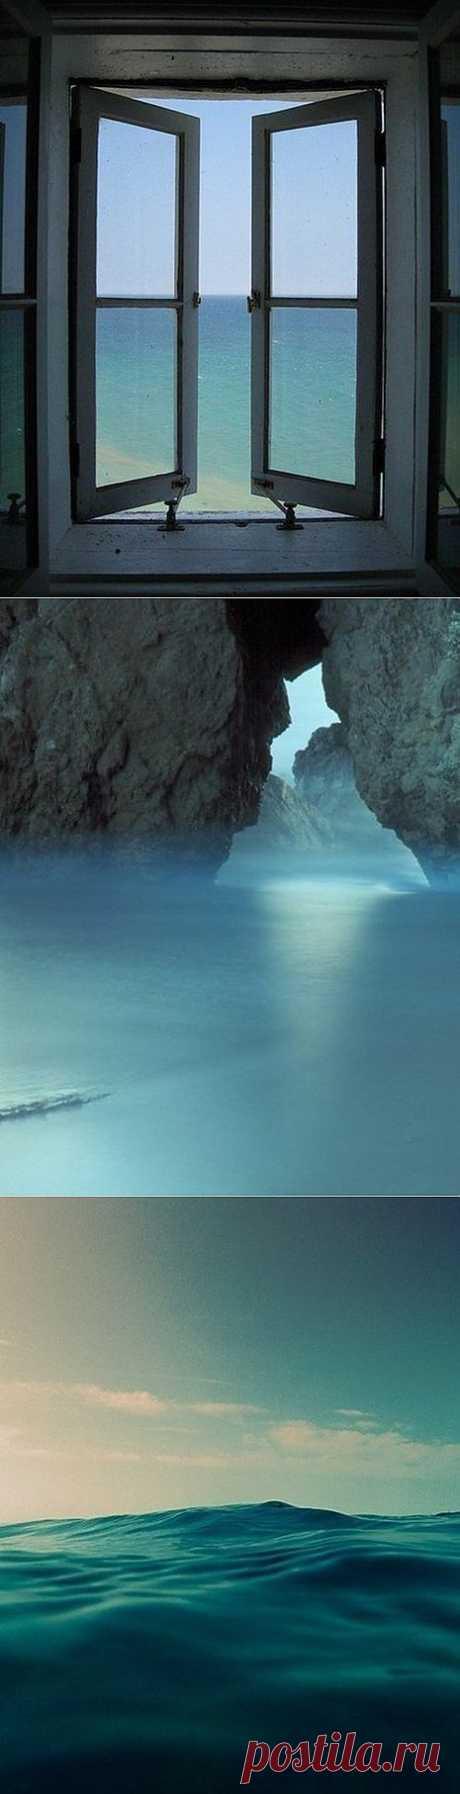 Почувствуй на губах вкус моря